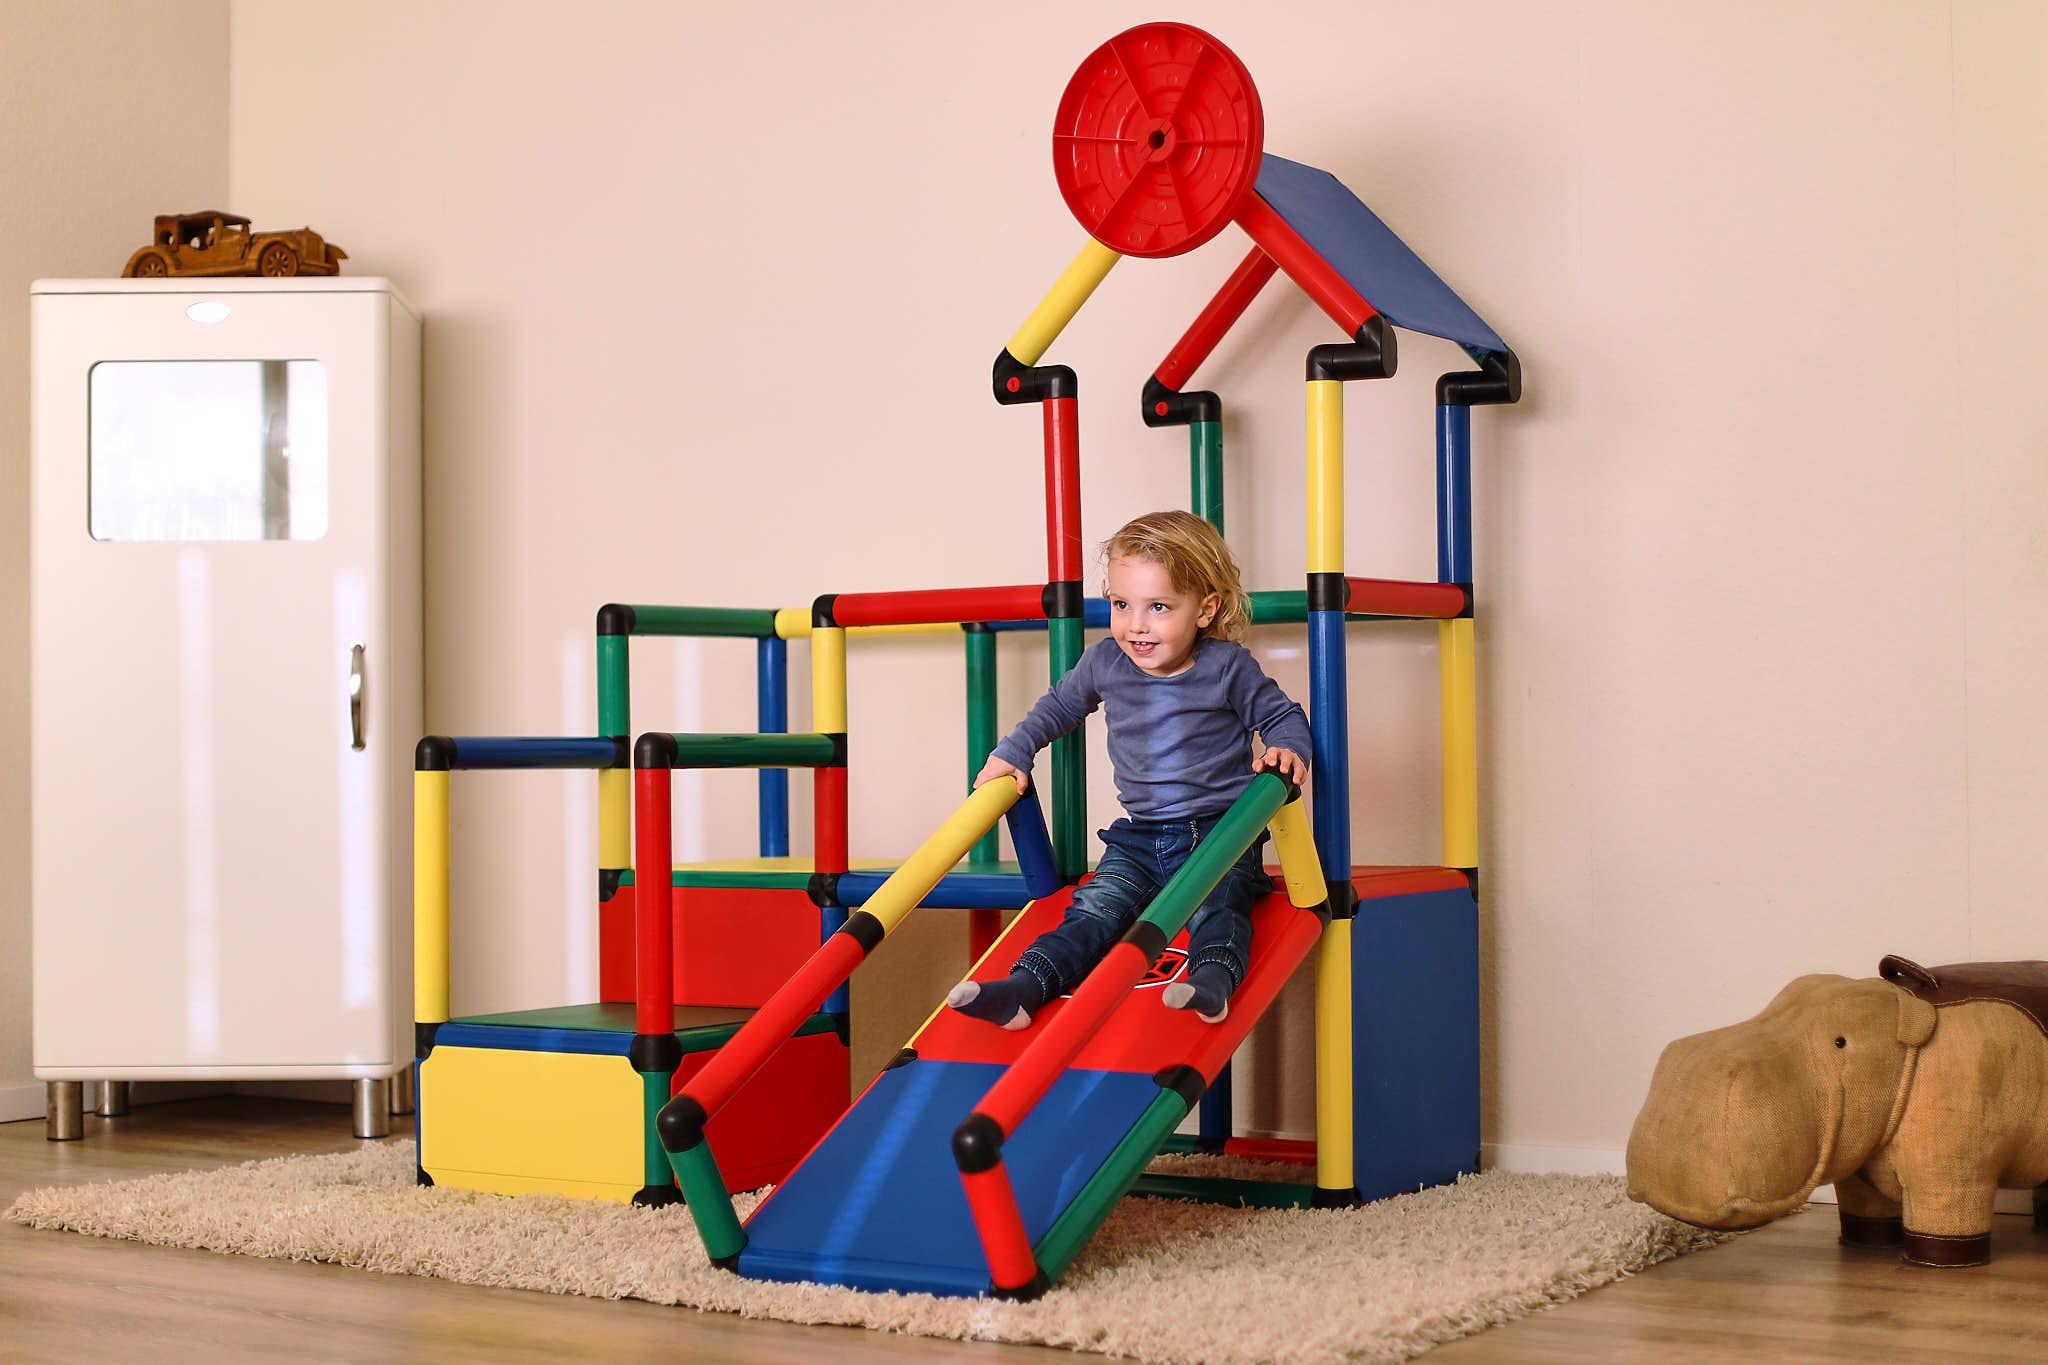 Klettergerüst Holz Kinderzimmer : Quadro spielgerüste gartenspielgeräte bau dir deine individuelle